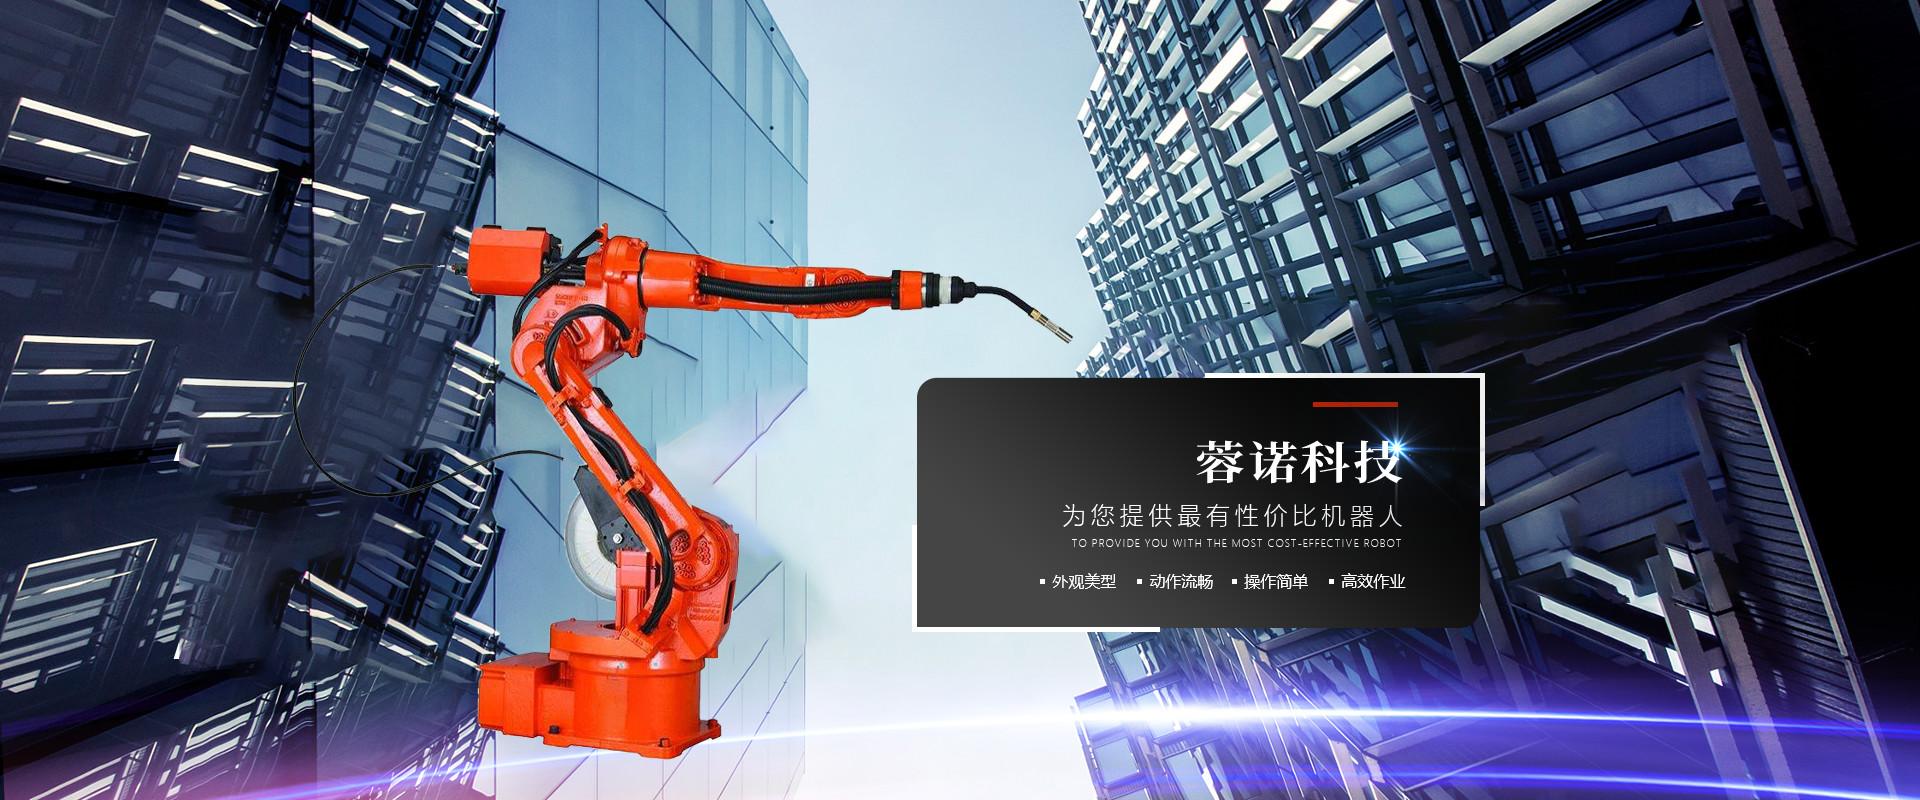 焊接机器人供应商_激光焊机焊接系统